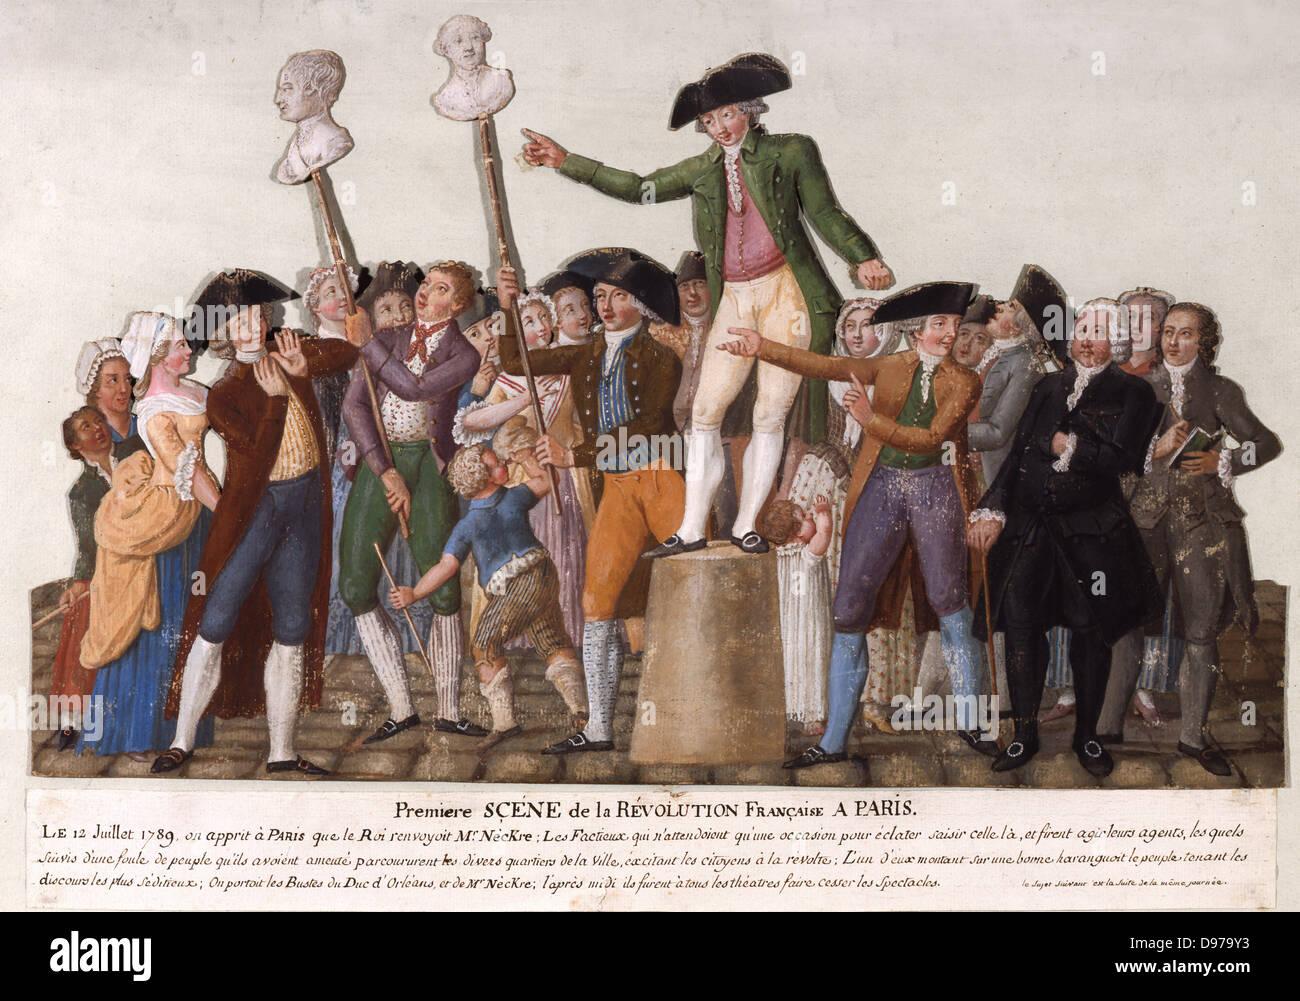 Pierre Etienne Lesueur On July 12, 1789 Carnavalet Museum - Paris - Stock Image